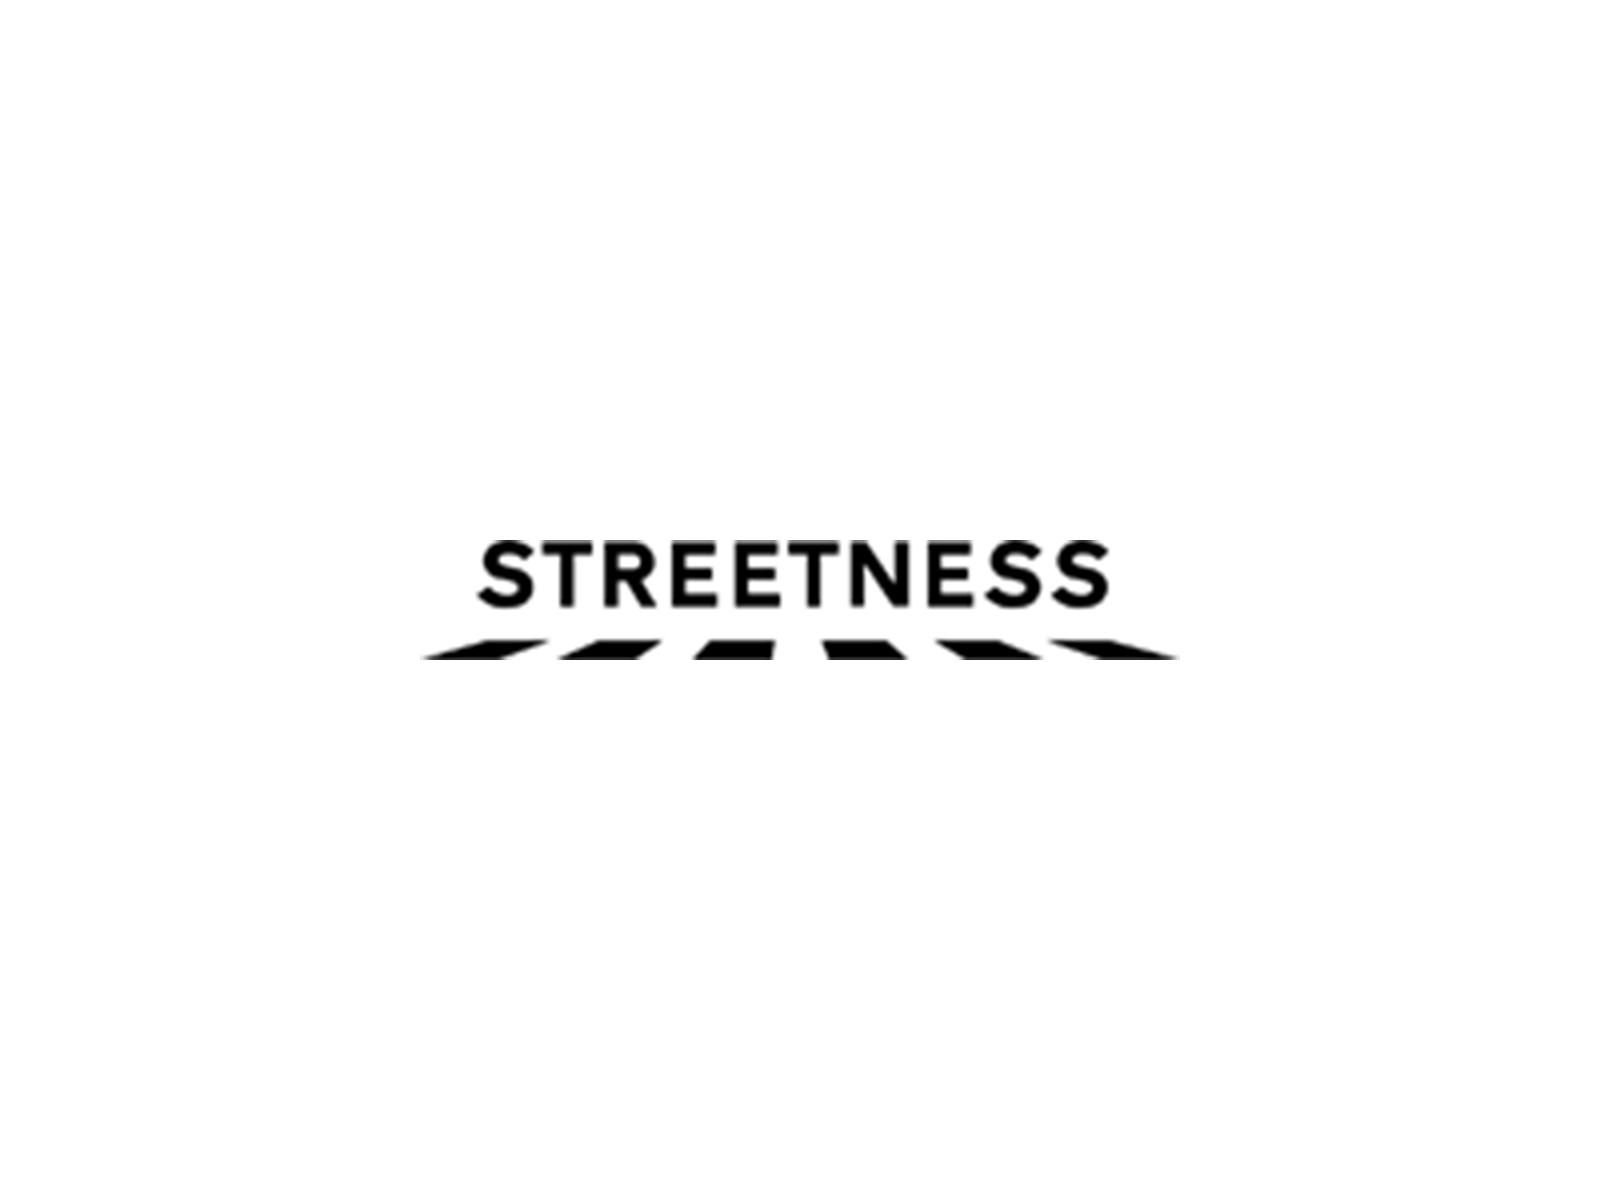 Nasce Streetness, la strada in prospettiva